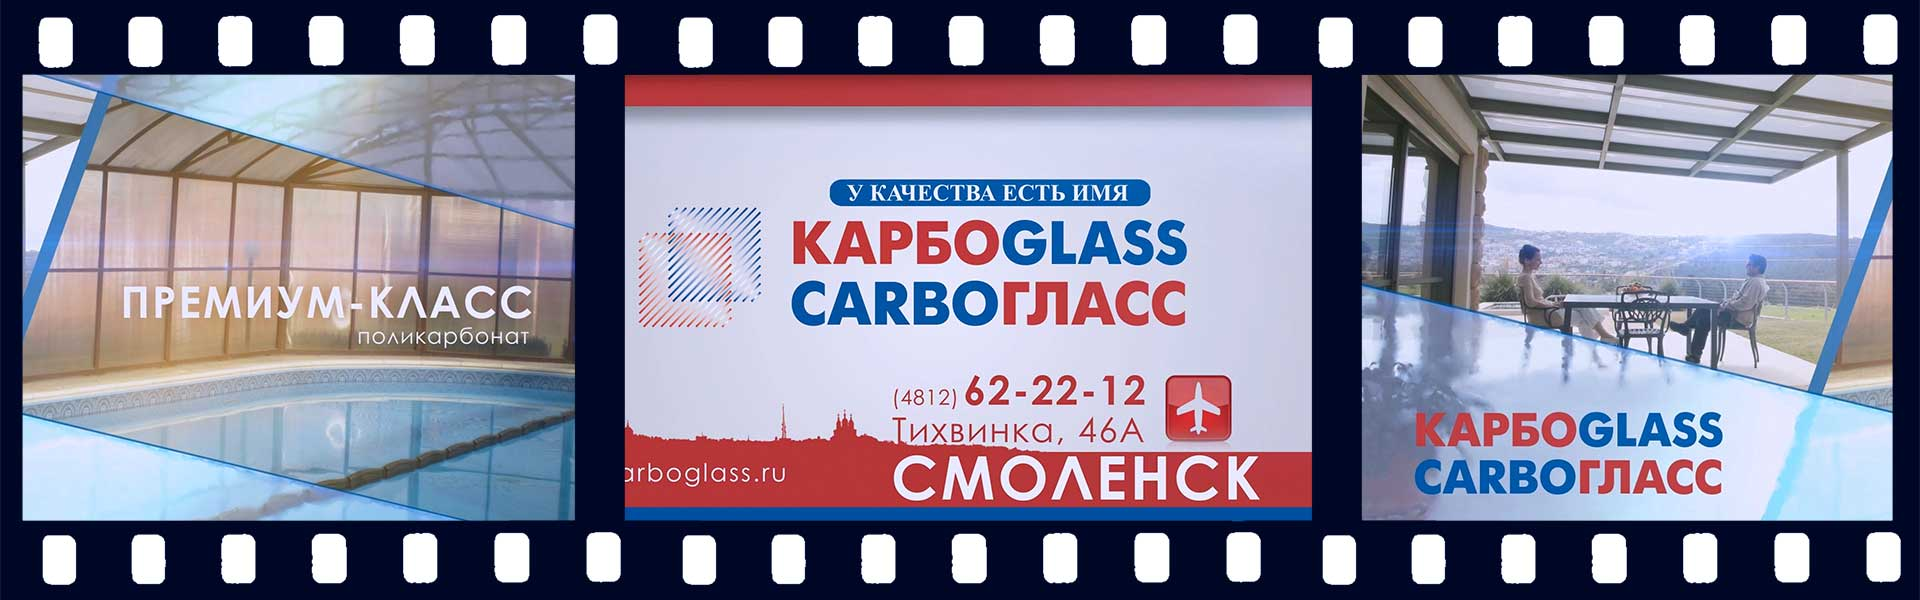 Телереклама «Карбогласс»